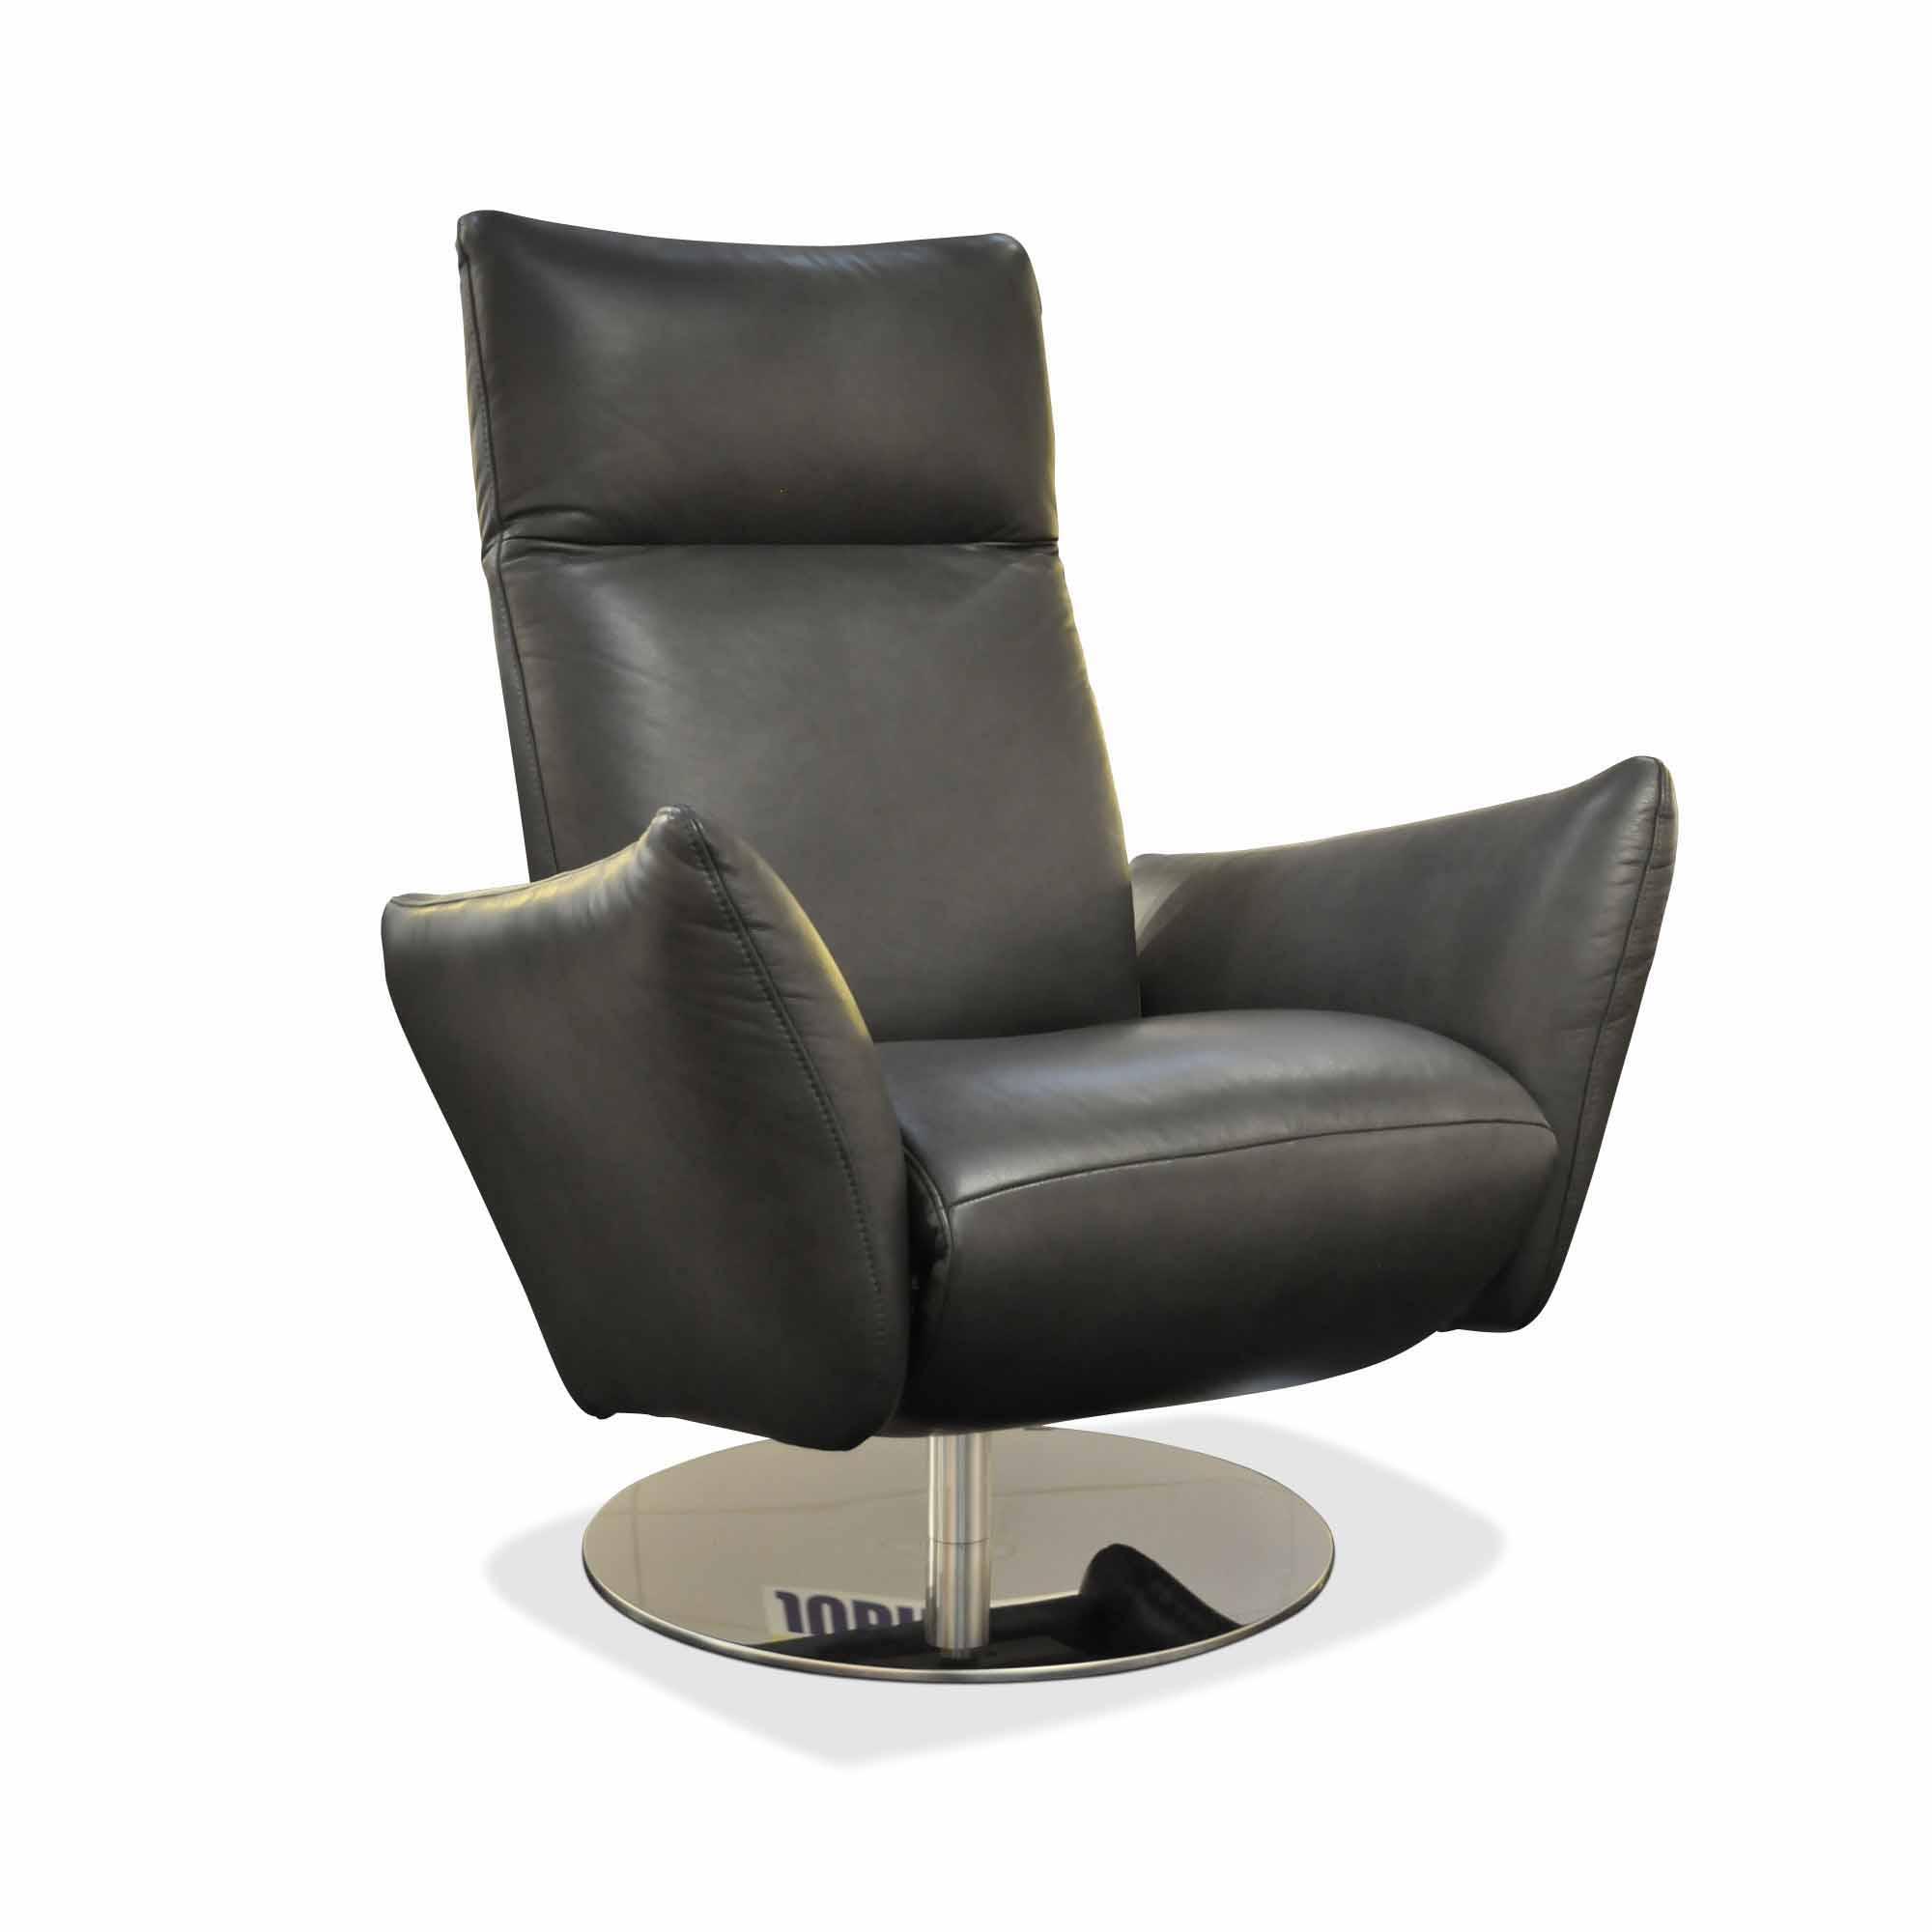 w schillig sessel. Black Bedroom Furniture Sets. Home Design Ideas